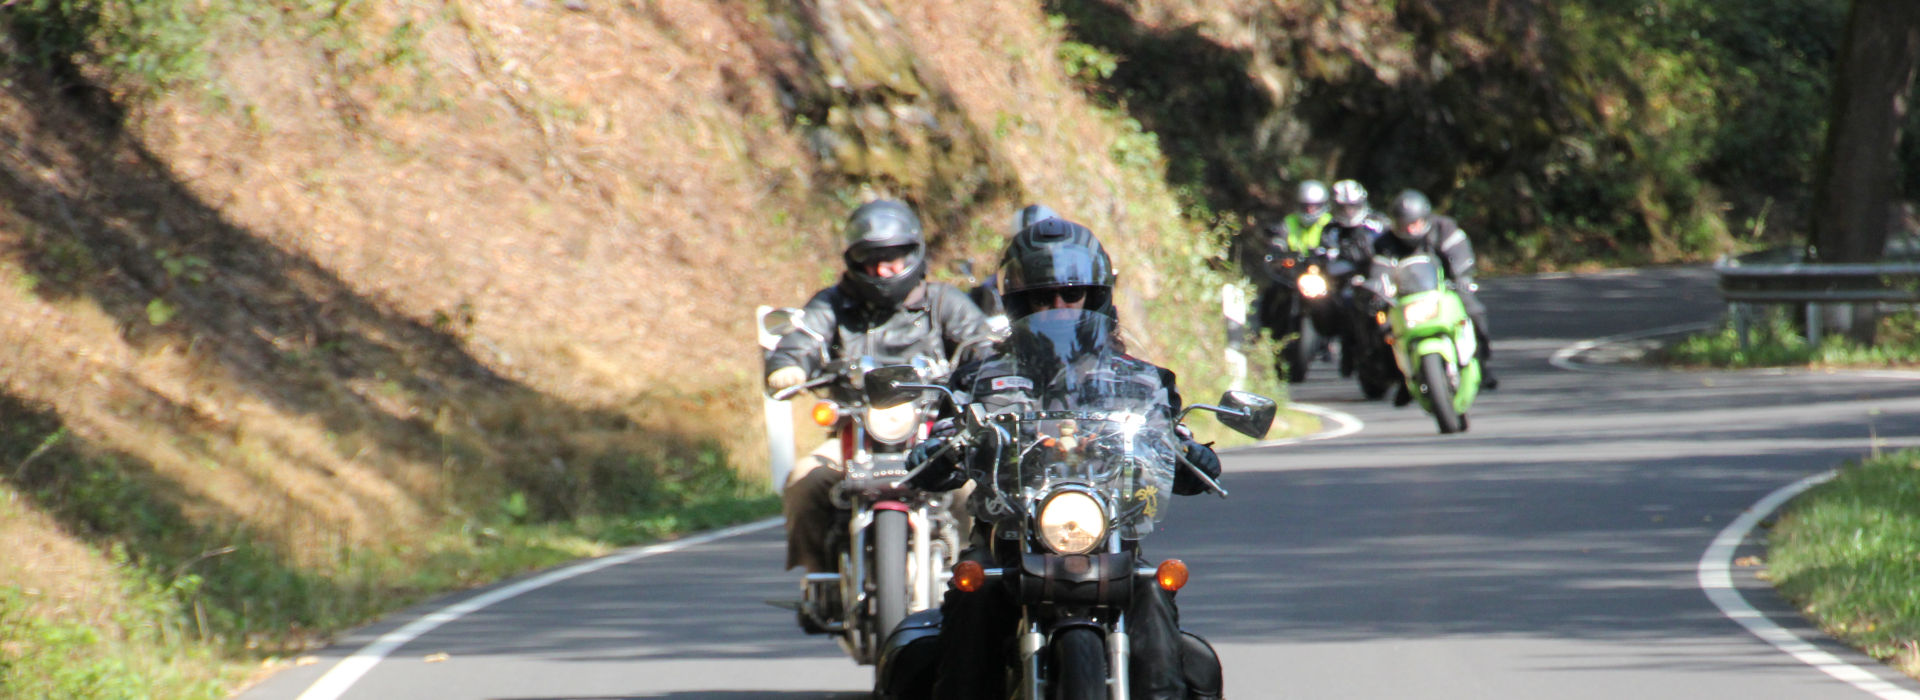 Motorrijschool Motorrijbewijspoint Heusden motorrijlessen